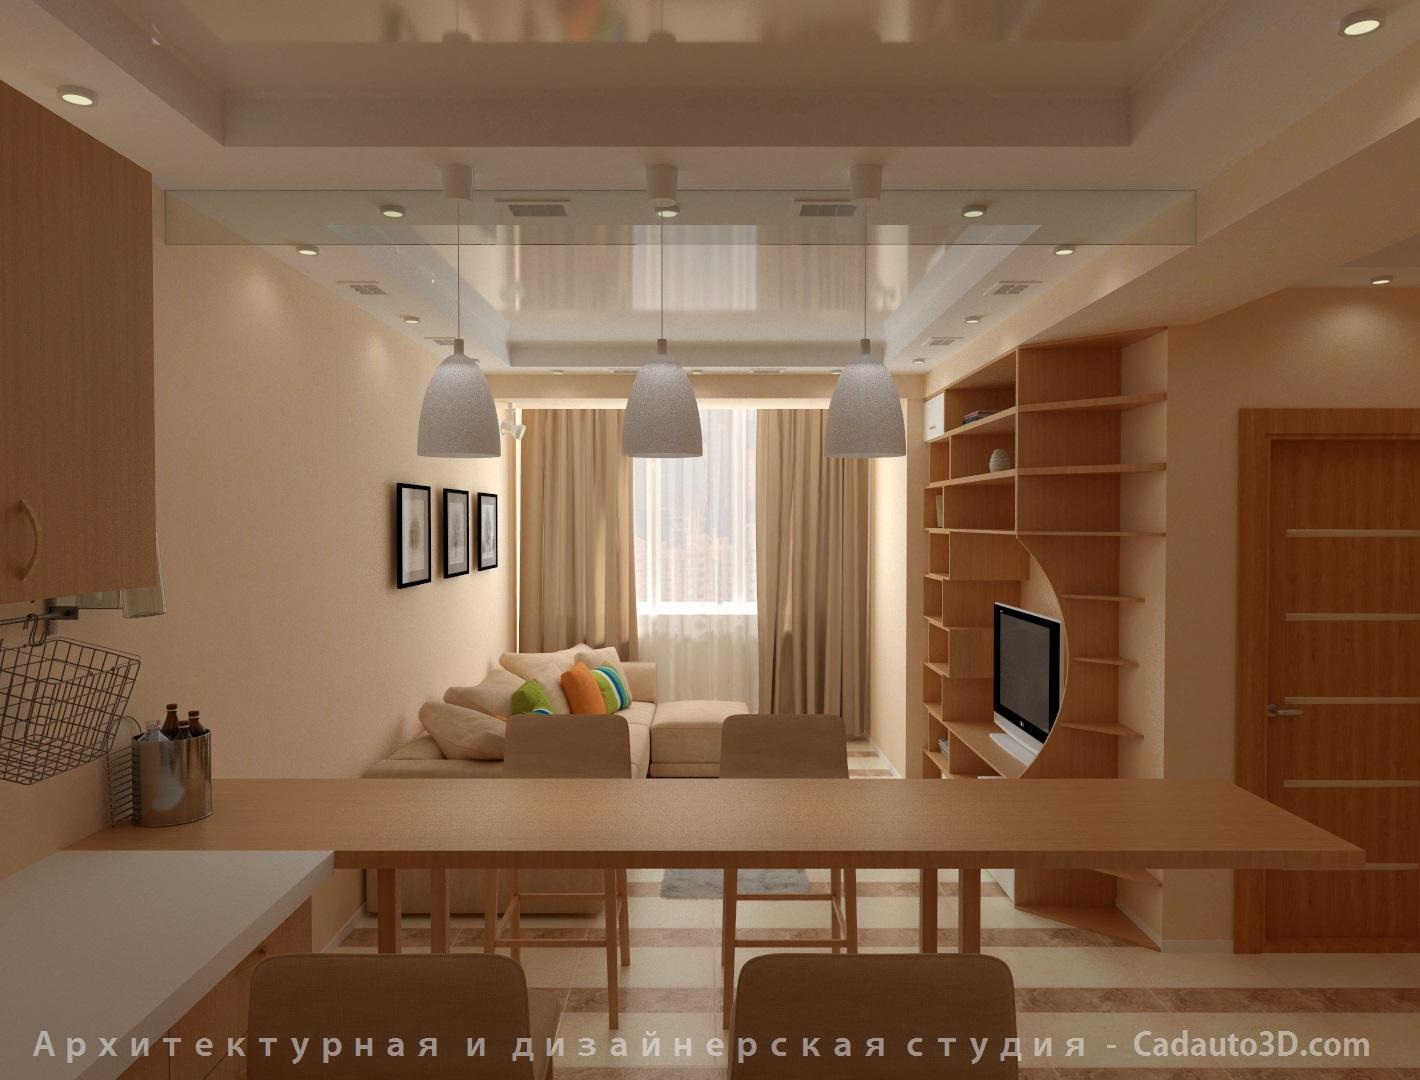 Кухная и гостиная комната